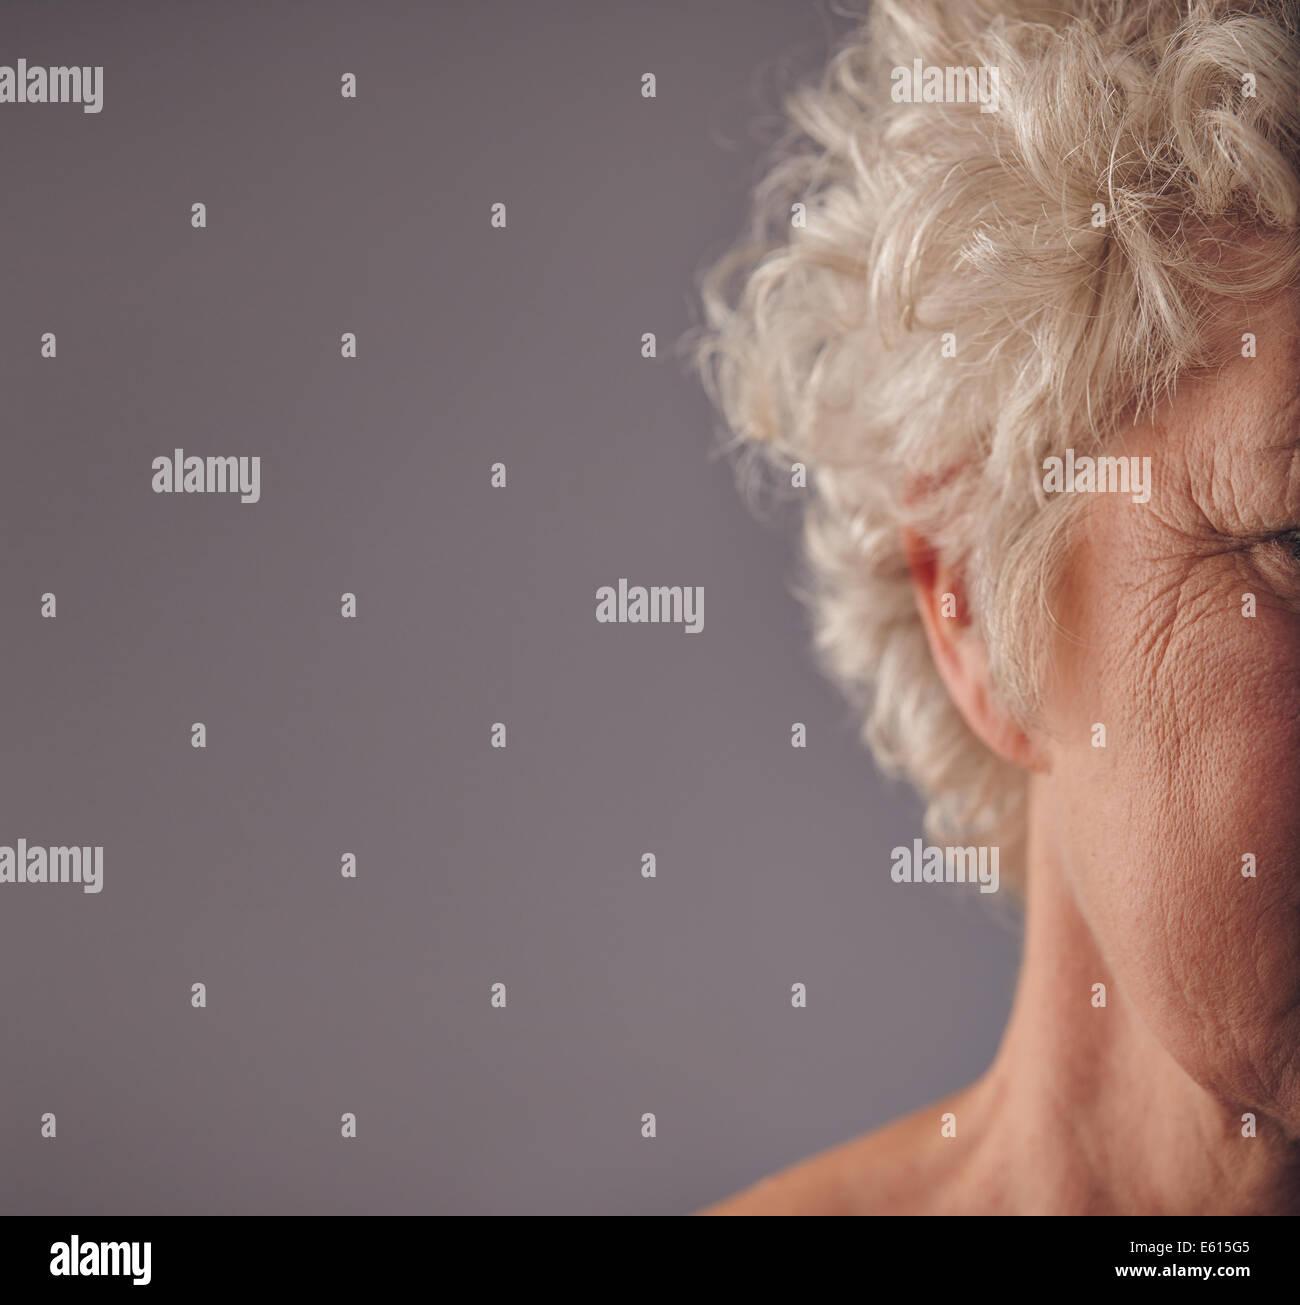 Ältere Frau Gesicht mit faltige Haut auf grauem Hintergrund abgeschnitten. Krähenfüße auf Augen der alten Frau. Stockfoto